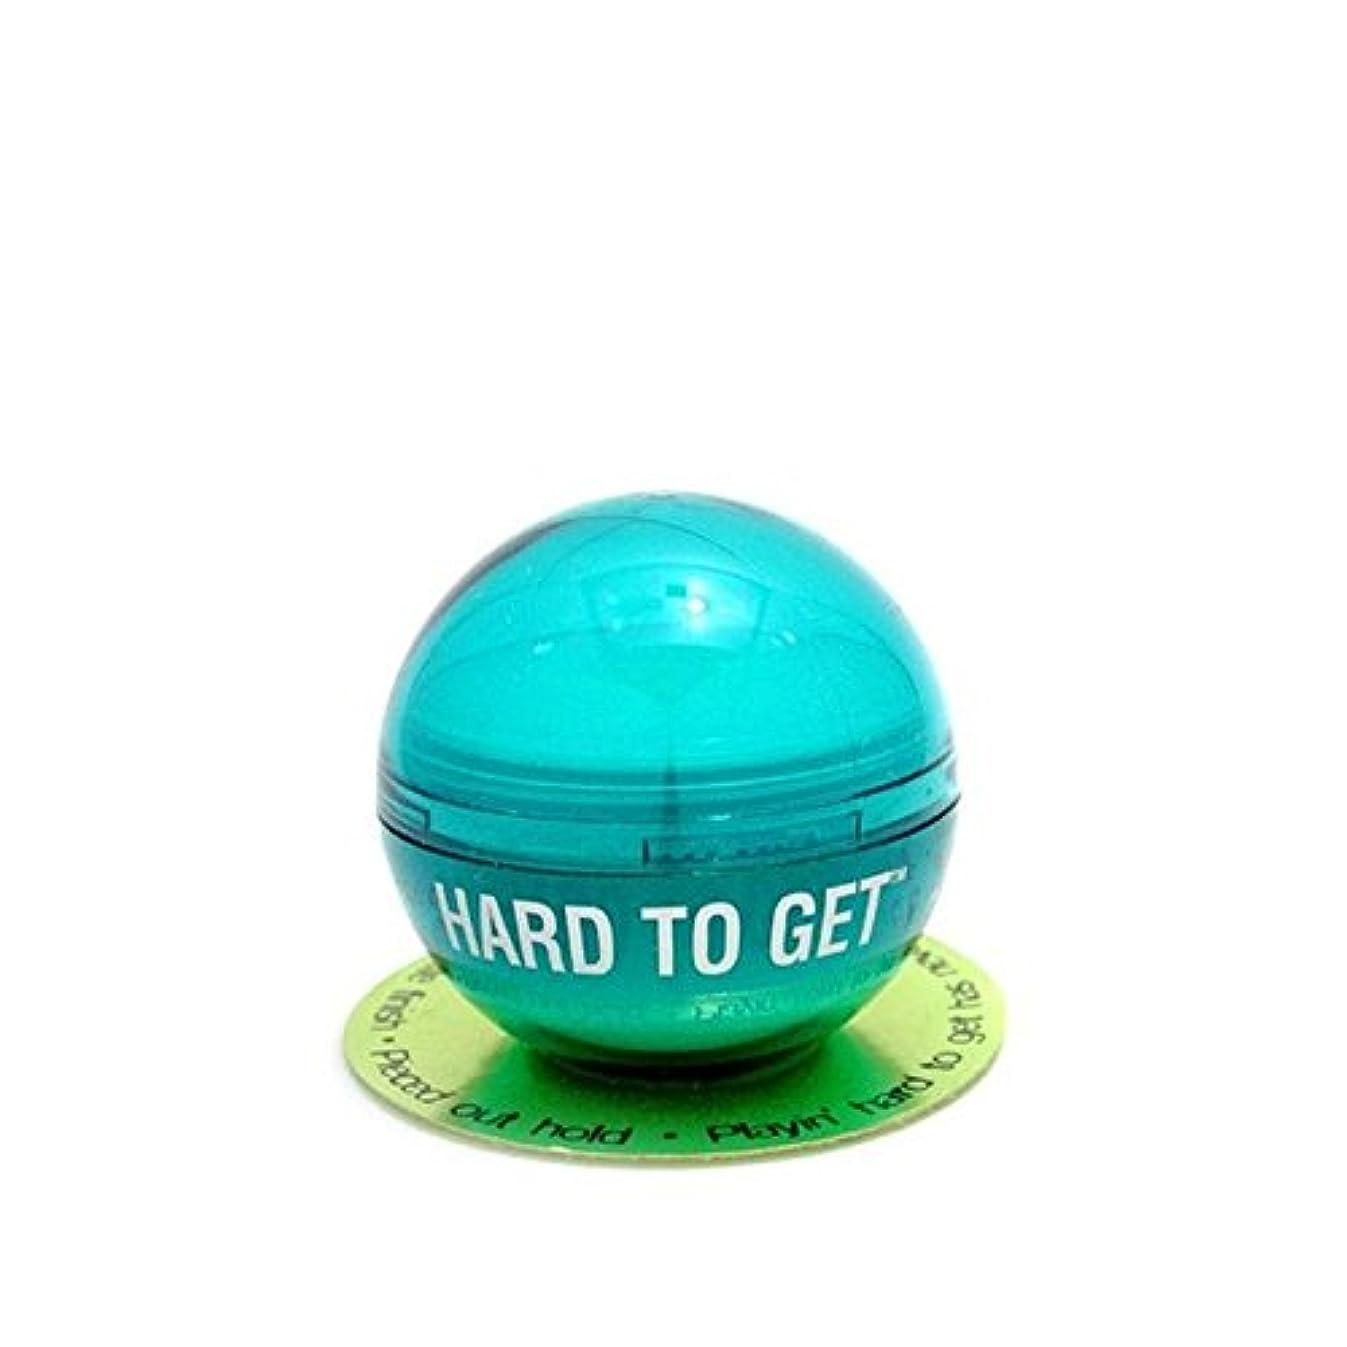 湿地週末保険テクスチャーペーストを取得するのは難しいティジーベッドヘッド(42グラム) x2 - Tigi Bed Head Hard To Get Texturising Paste (42G) (Pack of 2) [並行輸入品]